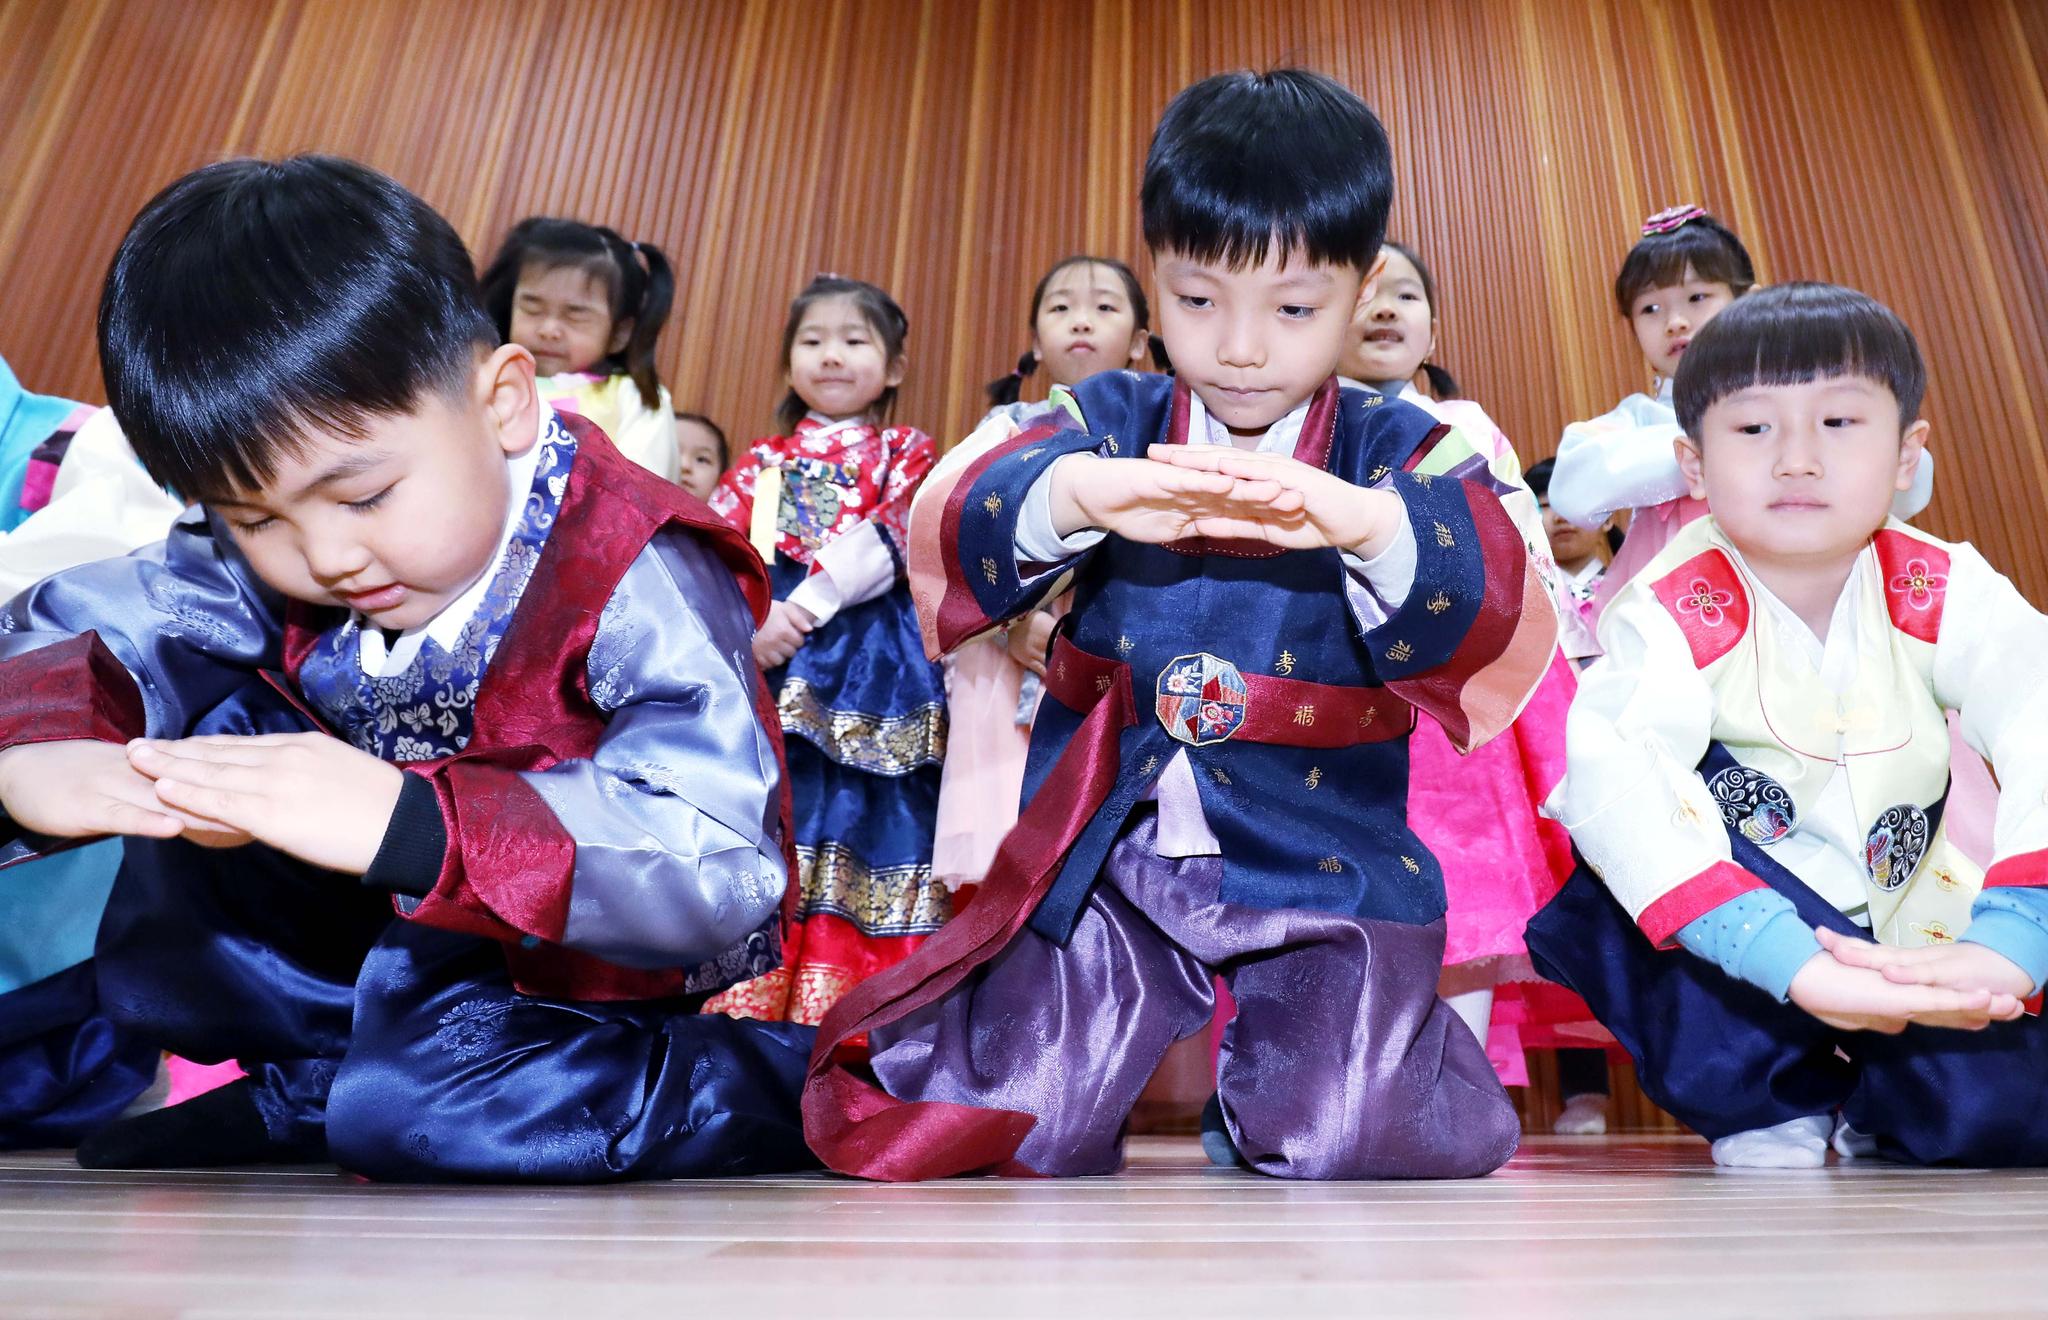 민족 최대 명절 설 연휴를 사흘 앞둔 지난달 30일 대전 중구 효문화마을 내 효체험관을 찾은 어린이들이 한복을 곱게 차려입고 세배하는 법을 배우고 있다.프리랜서 김성태